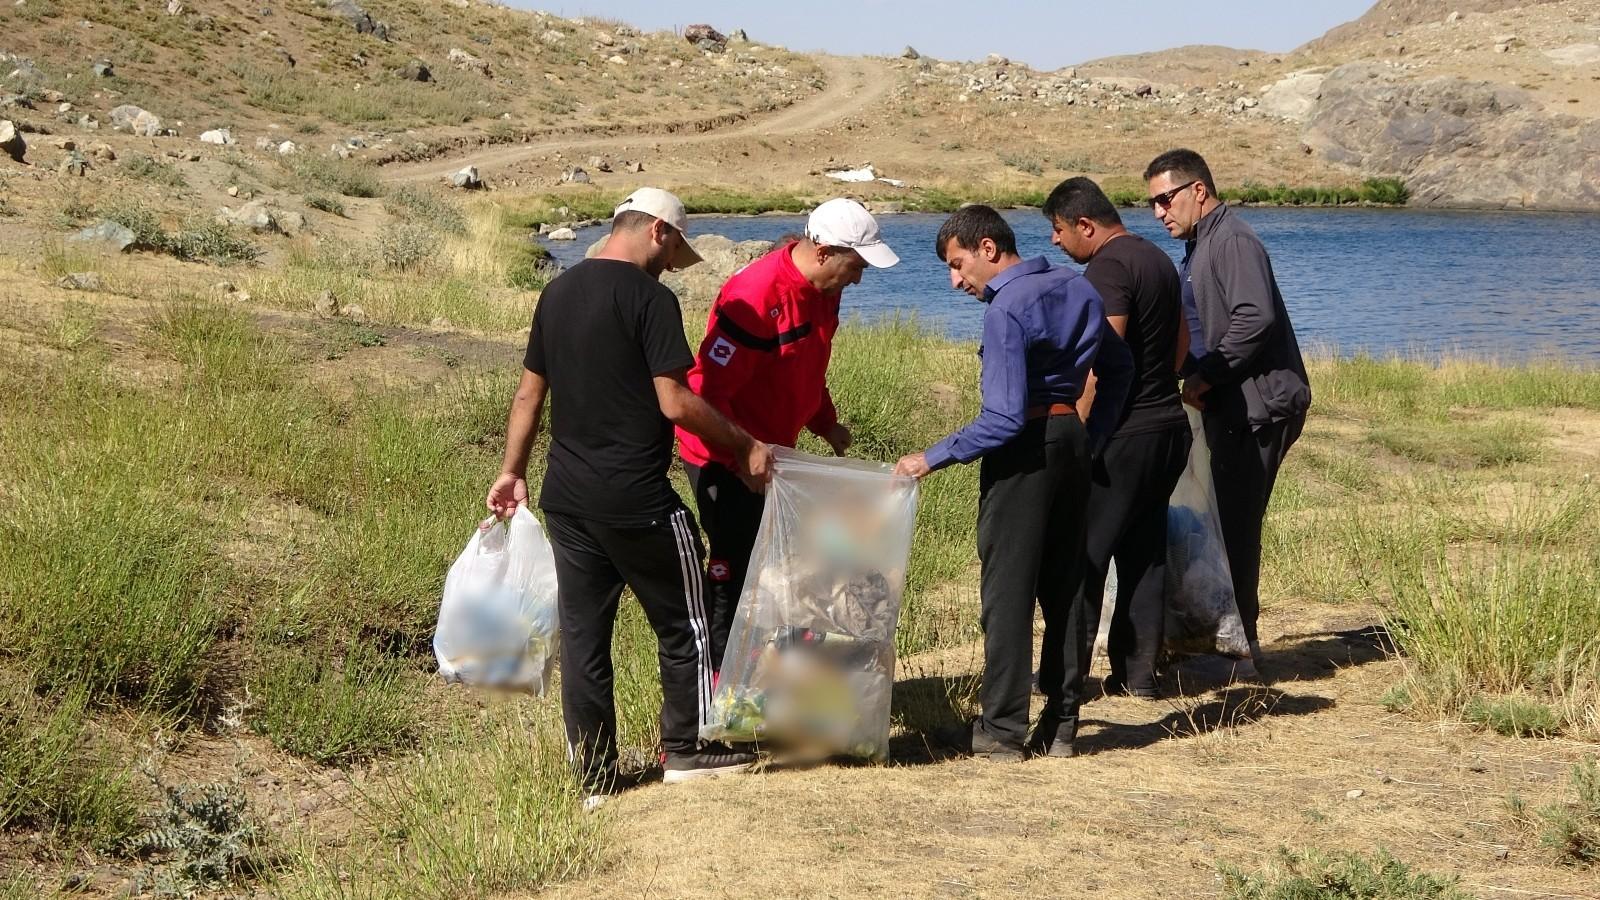 Tarım Müdürlüğü çalışanları Sat Buzul Göllerinde çöp topladı